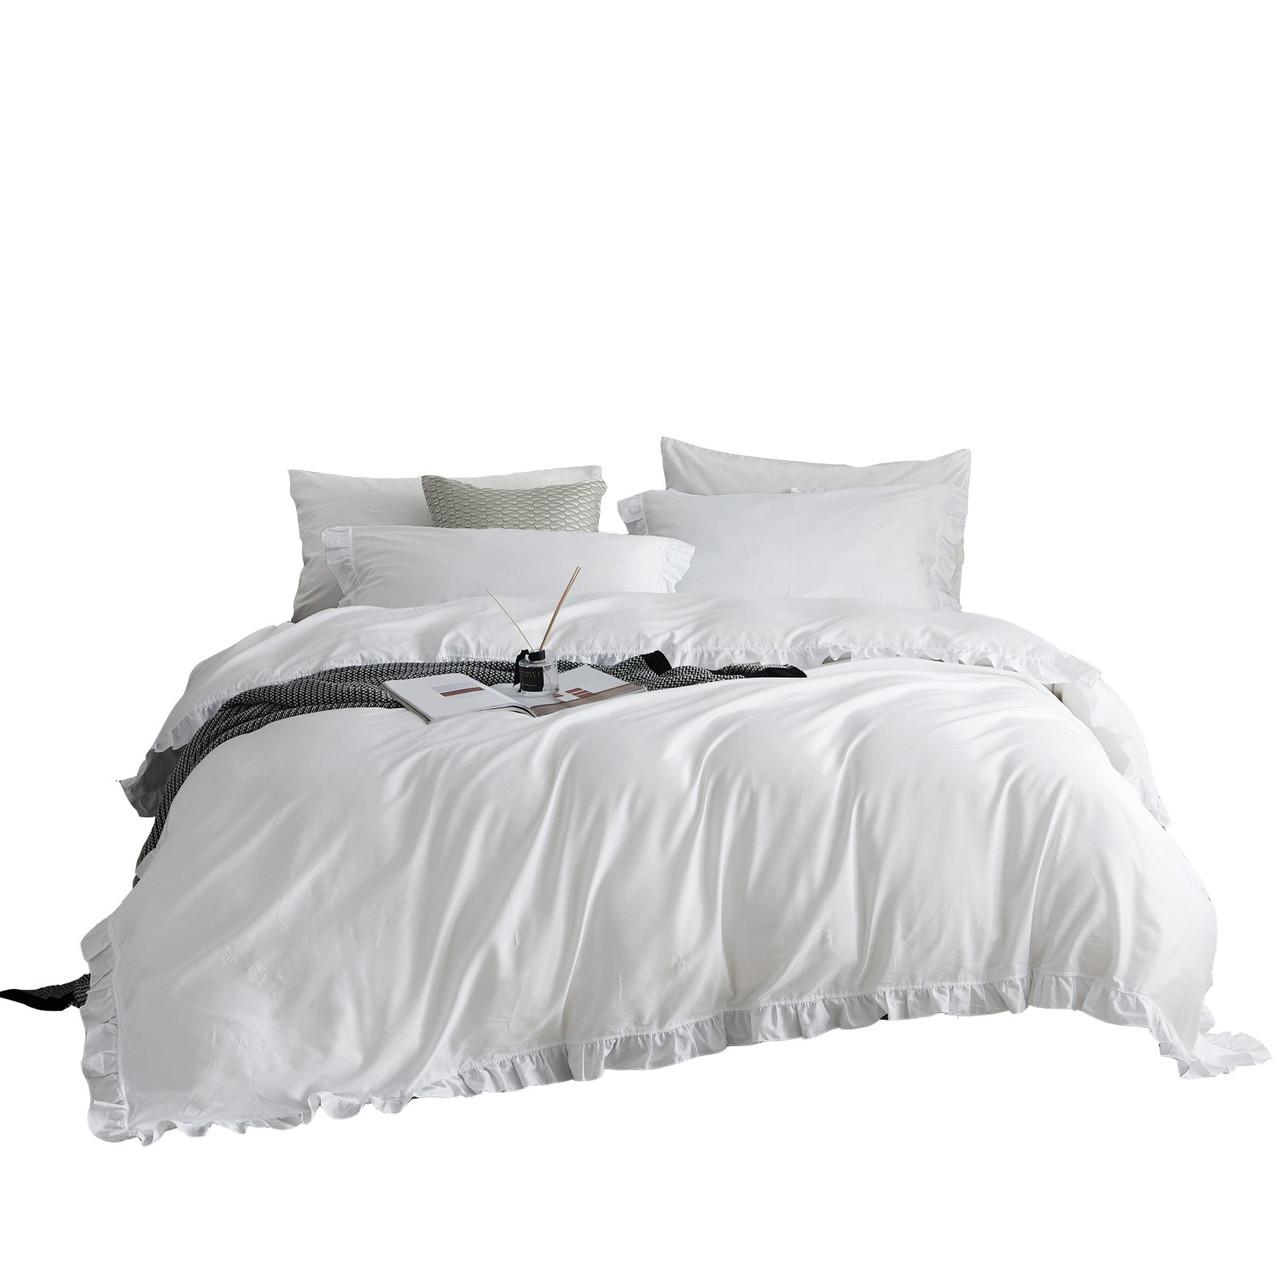 DM807Q Ruffle Bedding  Drop-shipping